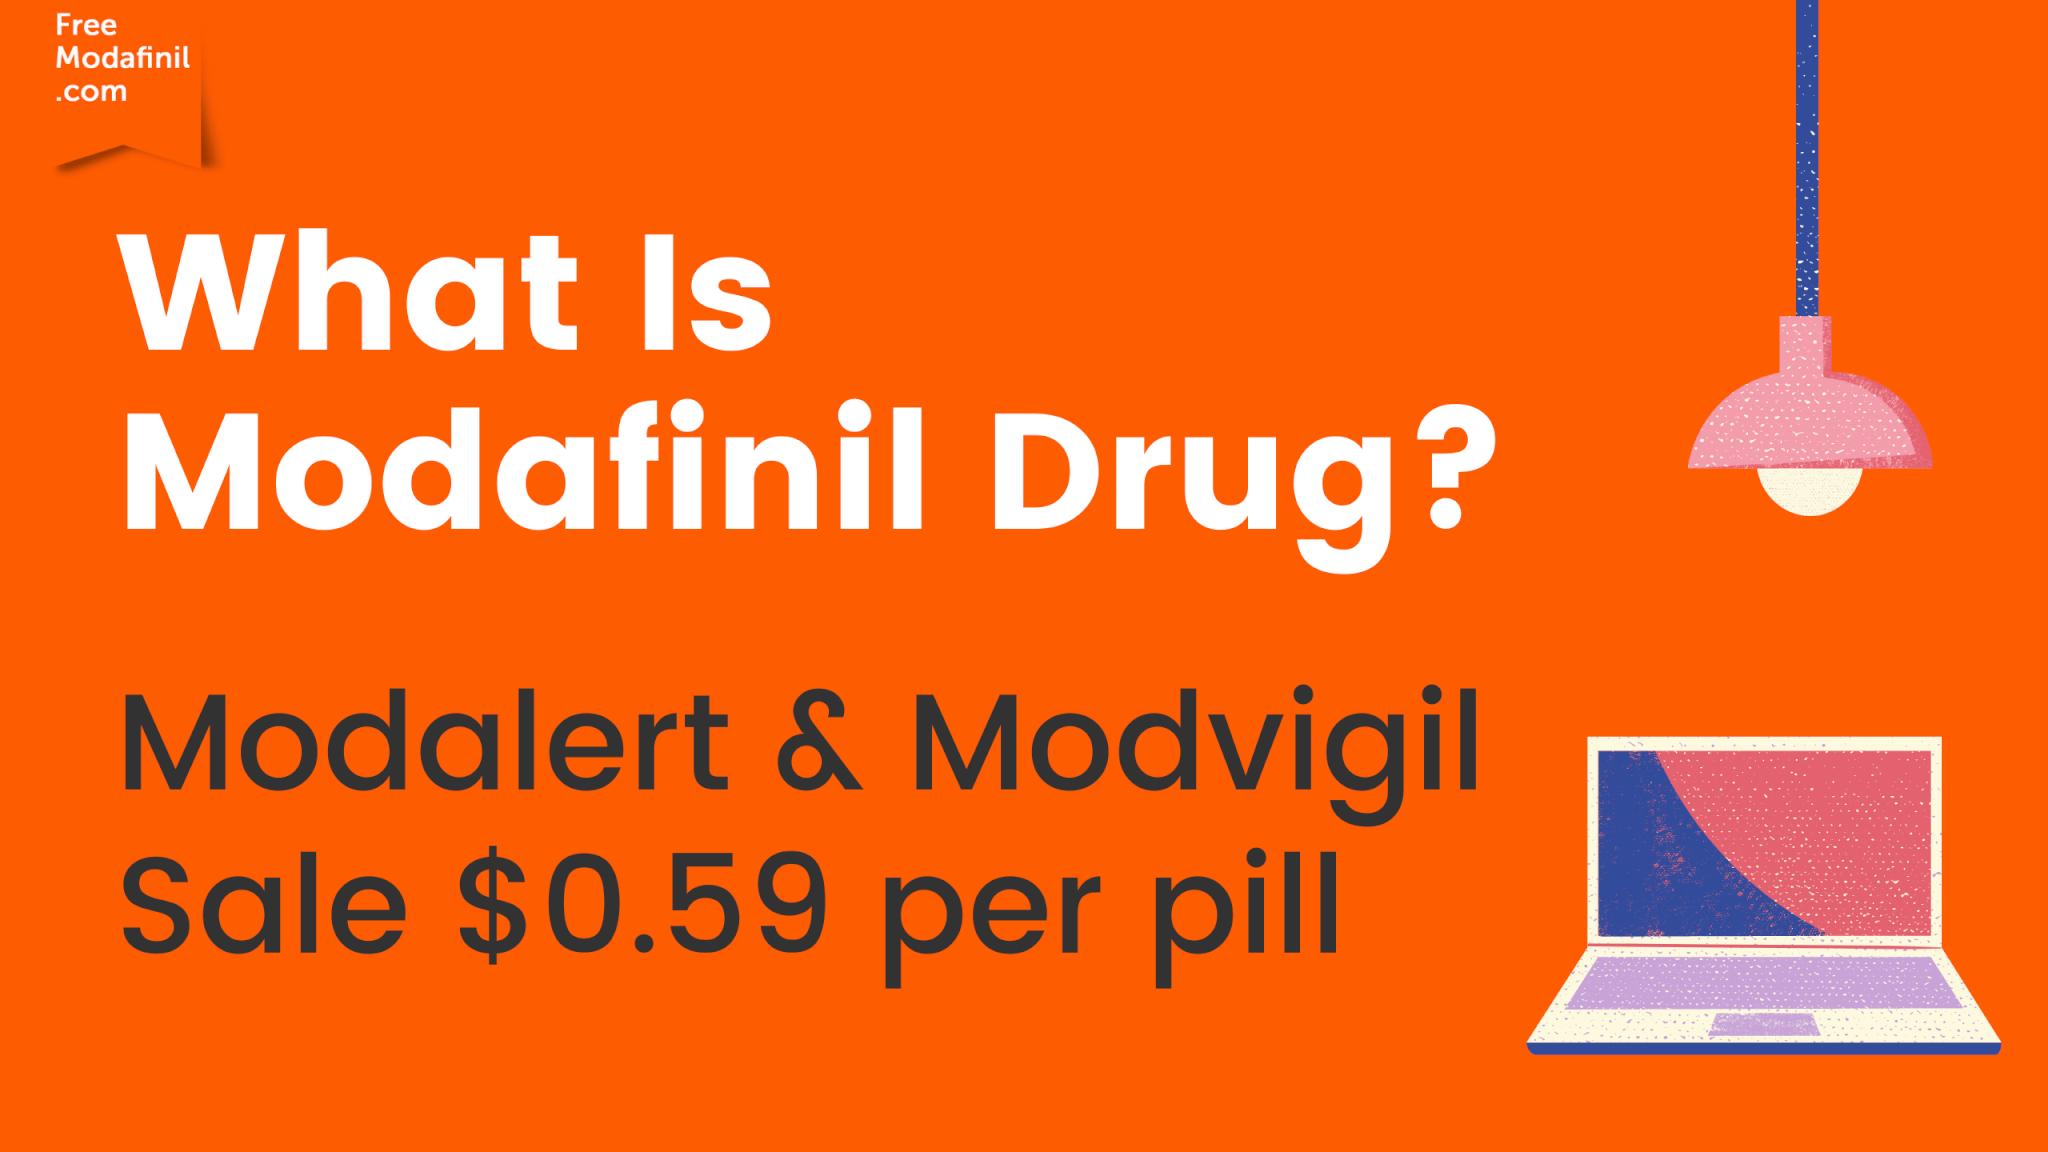 What Is Modafinil Drug